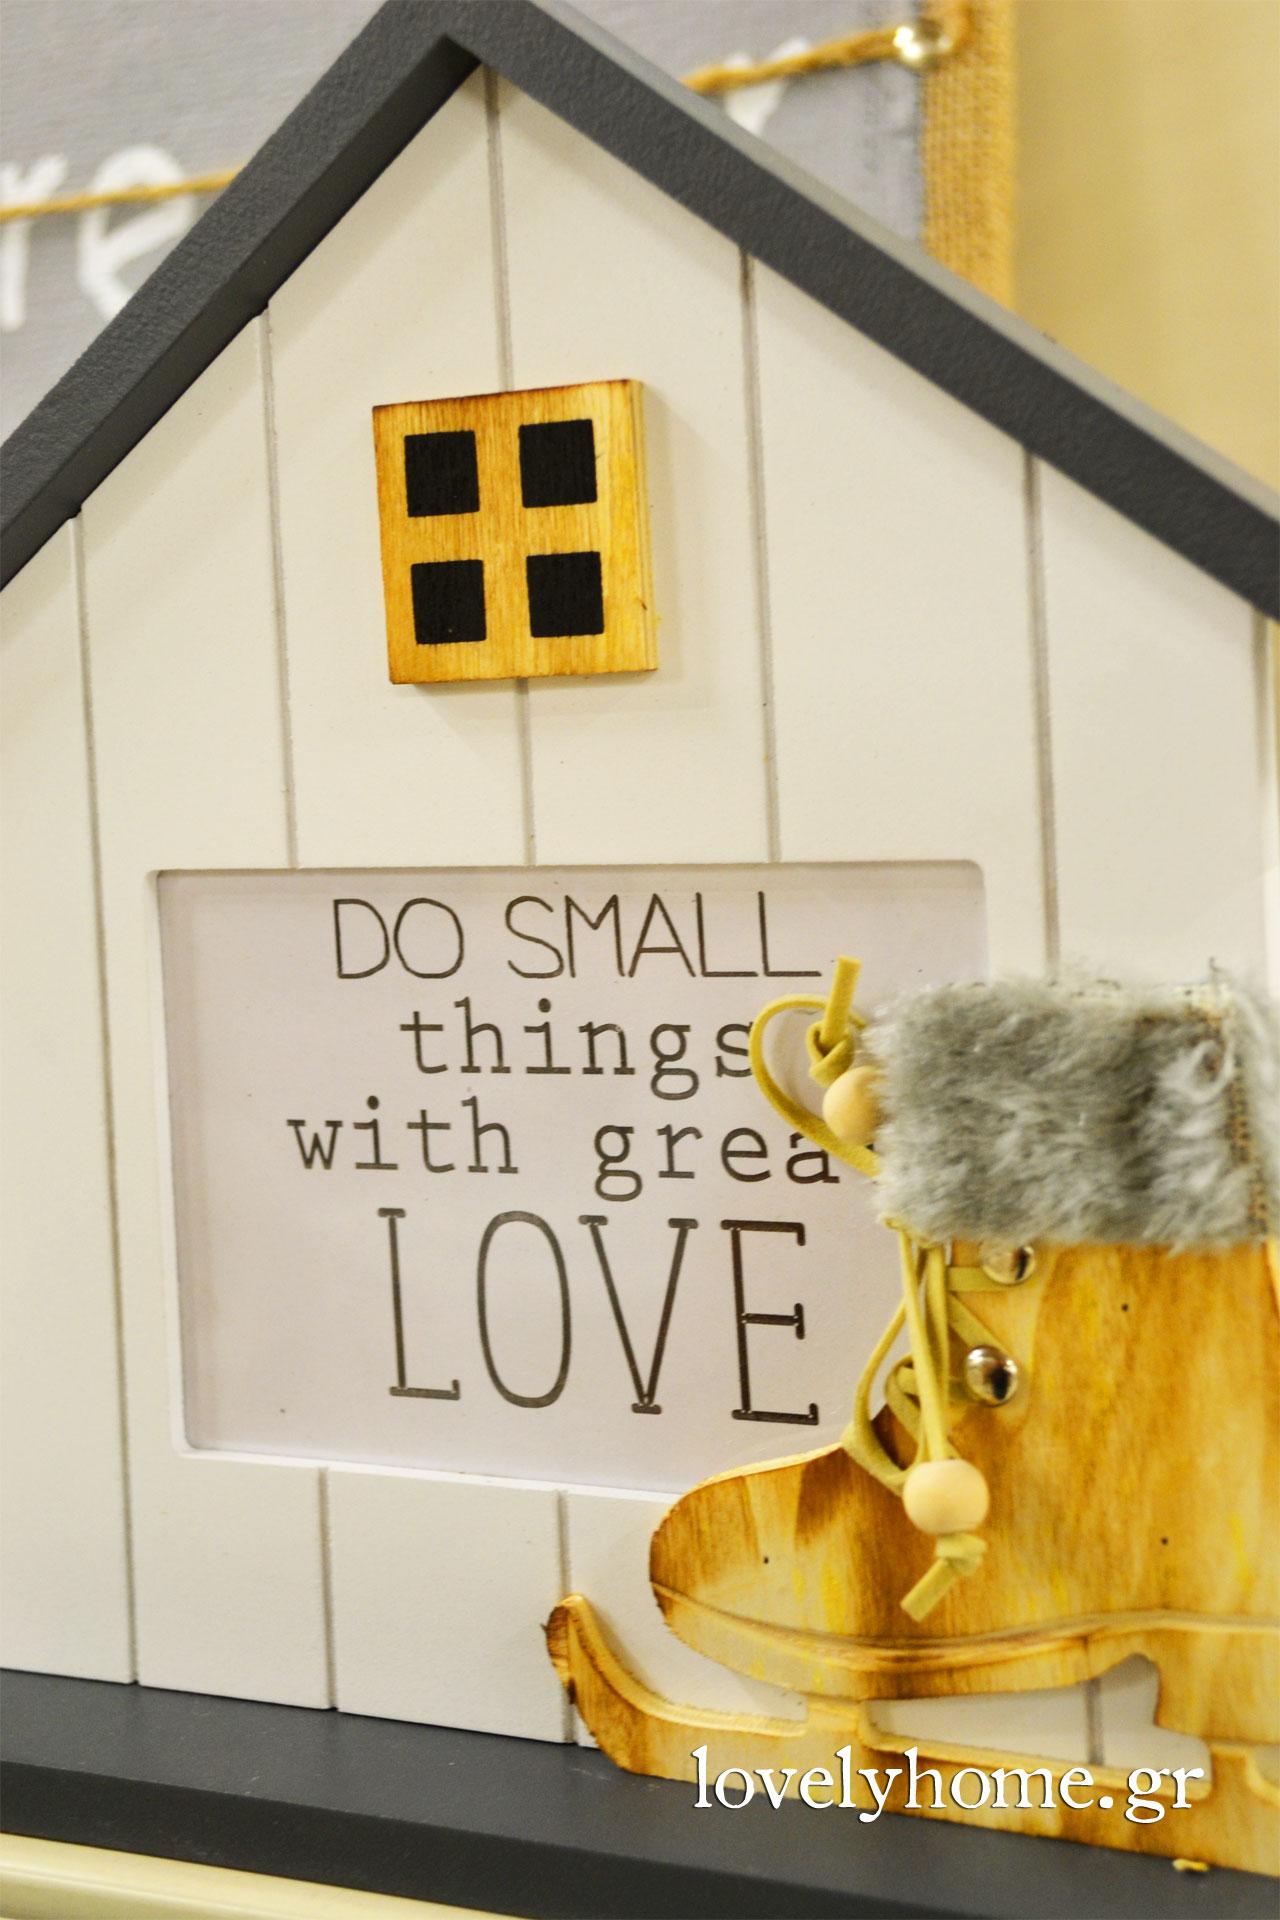 Κορνίζα επιτραπέζια σπιτάκι με quote Do small things with great love